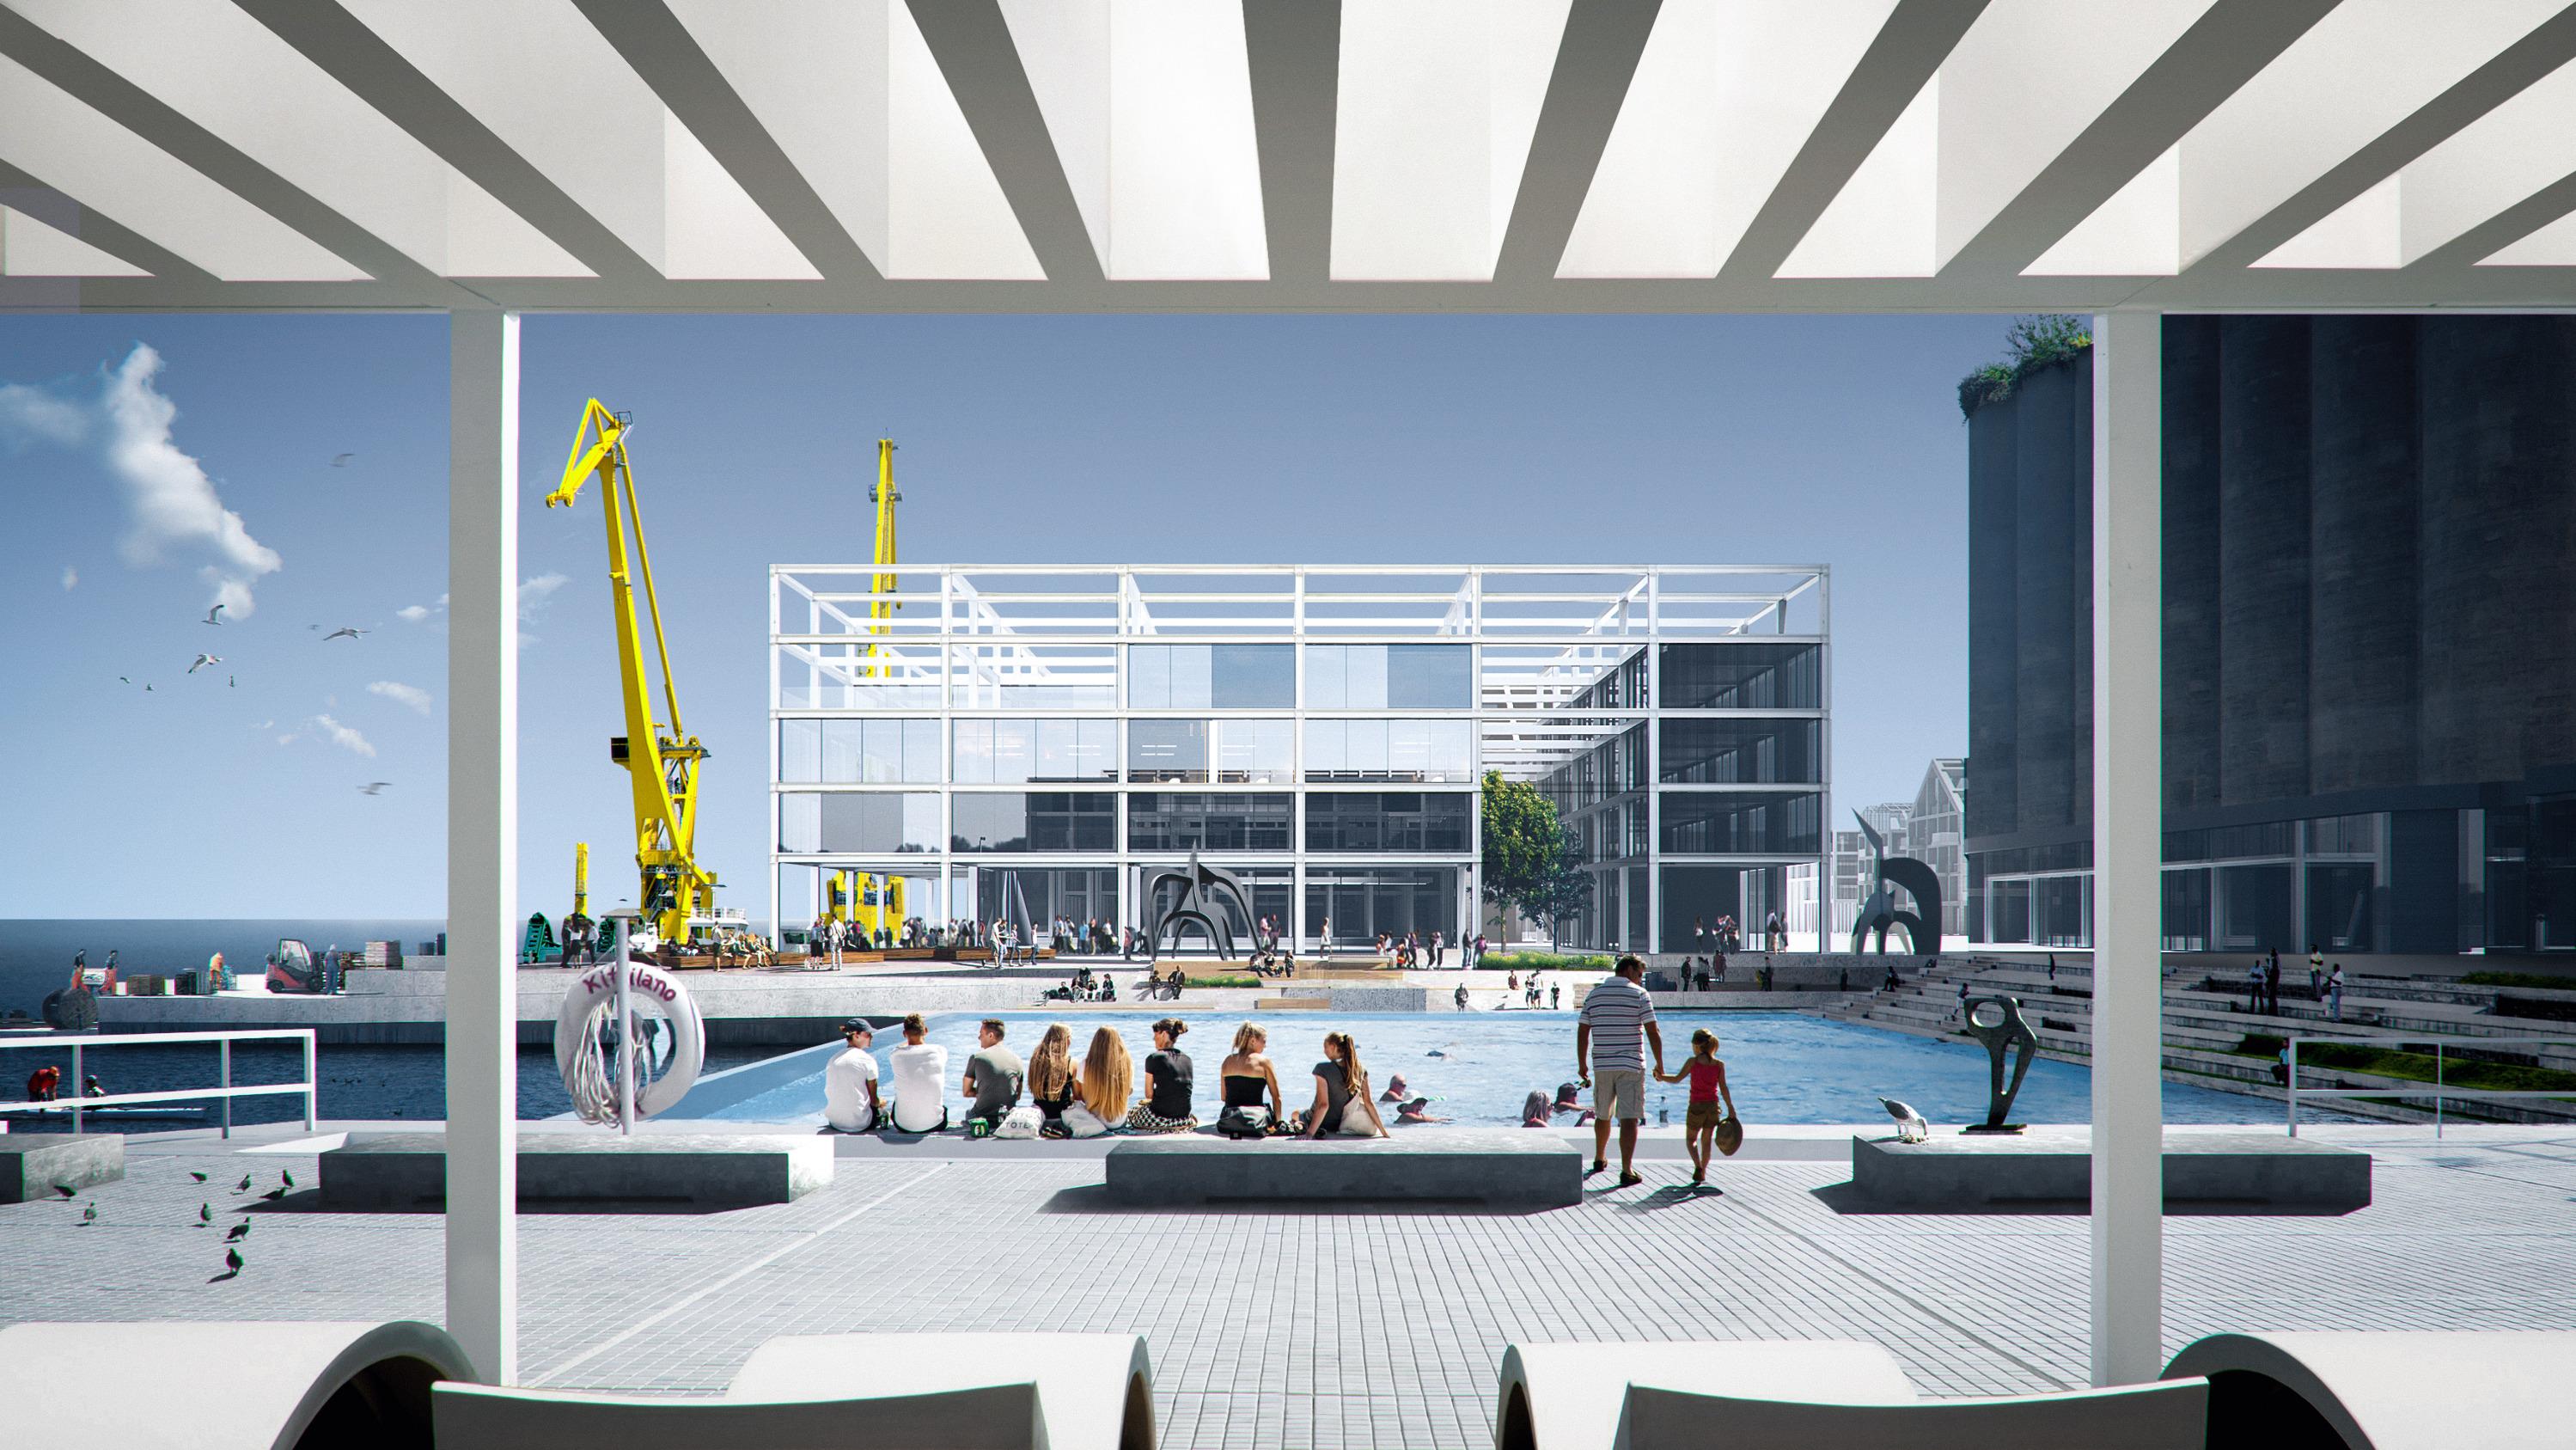 Архитекторы, помимо всего остального, предложили благоустроить набережную...